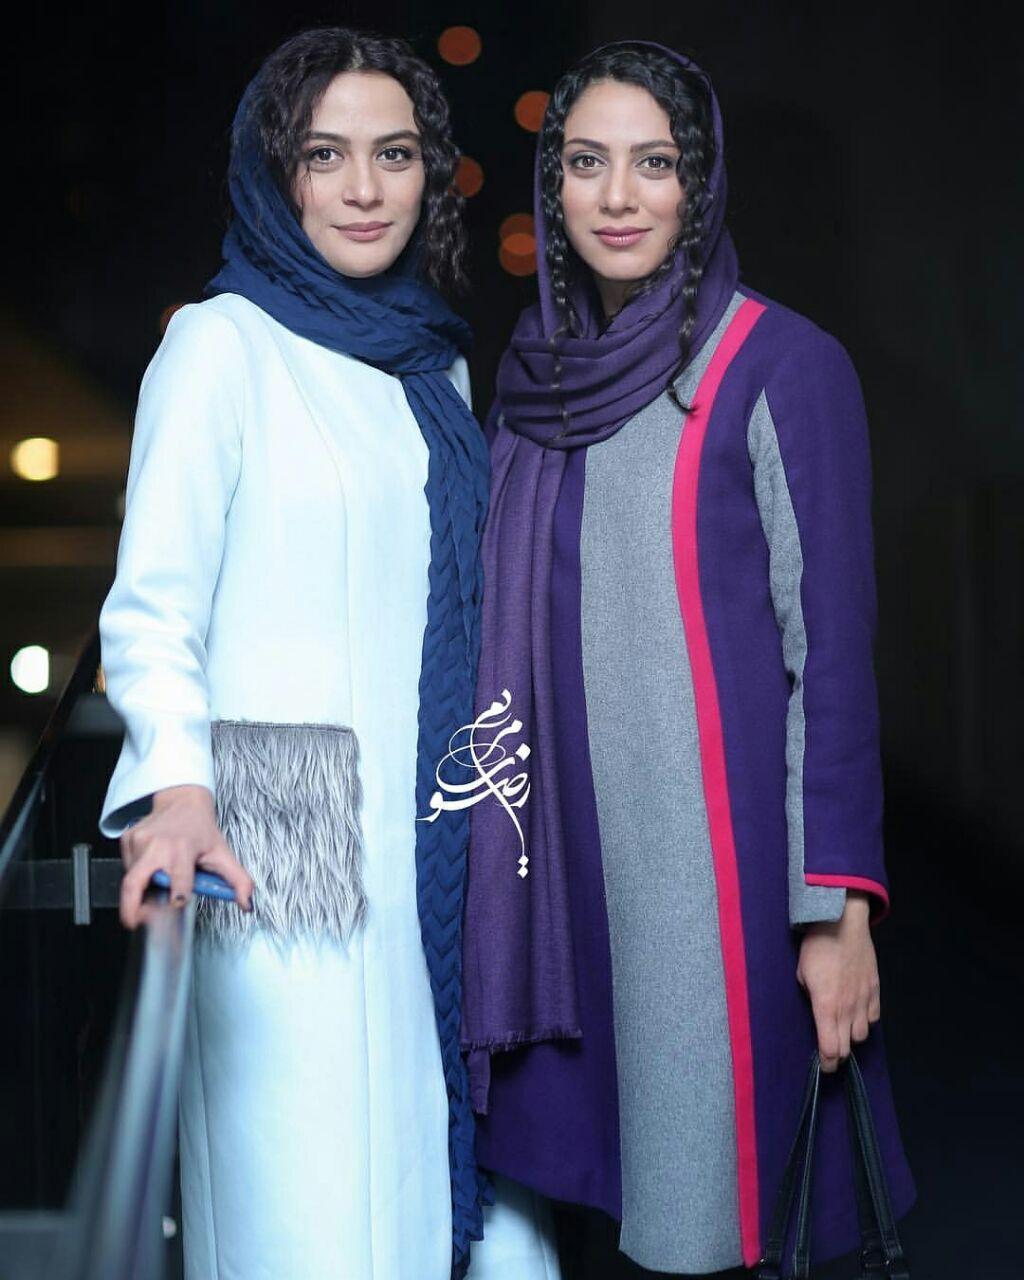 مونا فرجاد و خواهرش در جشنواره فیلم فجر+عکس